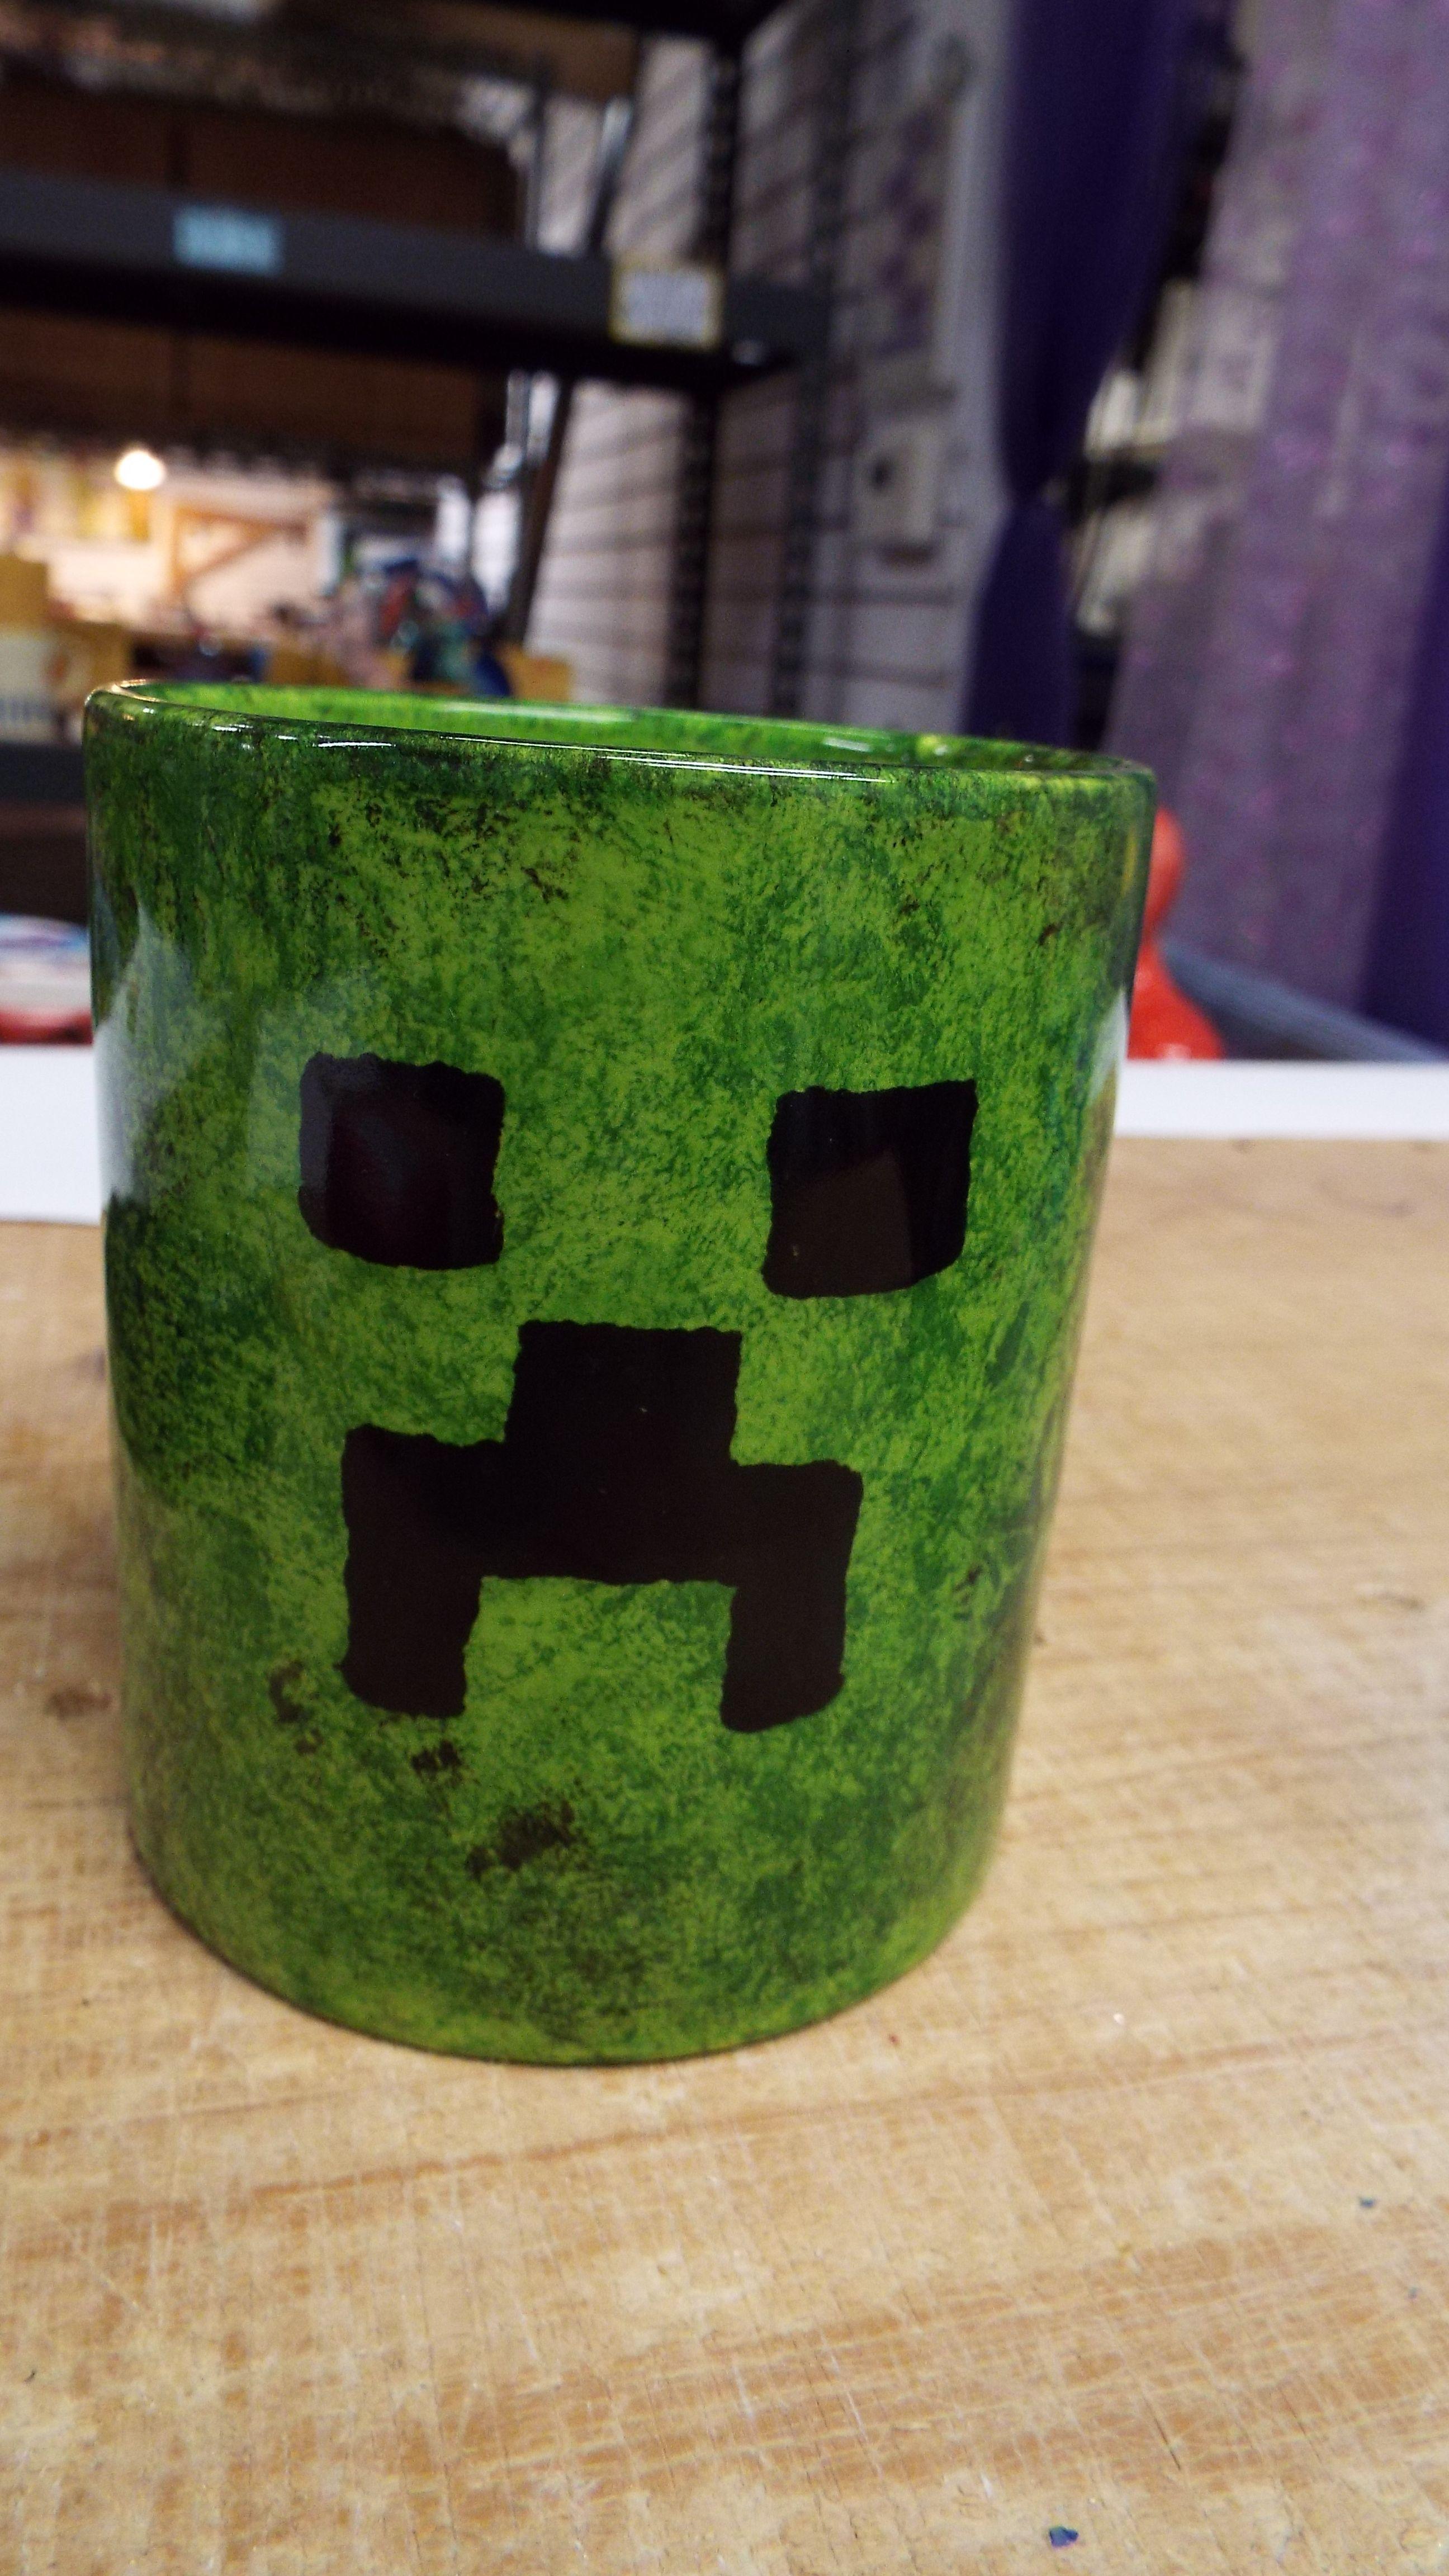 Minecraft mug? Correct me if I'm wrong! Painted mugs